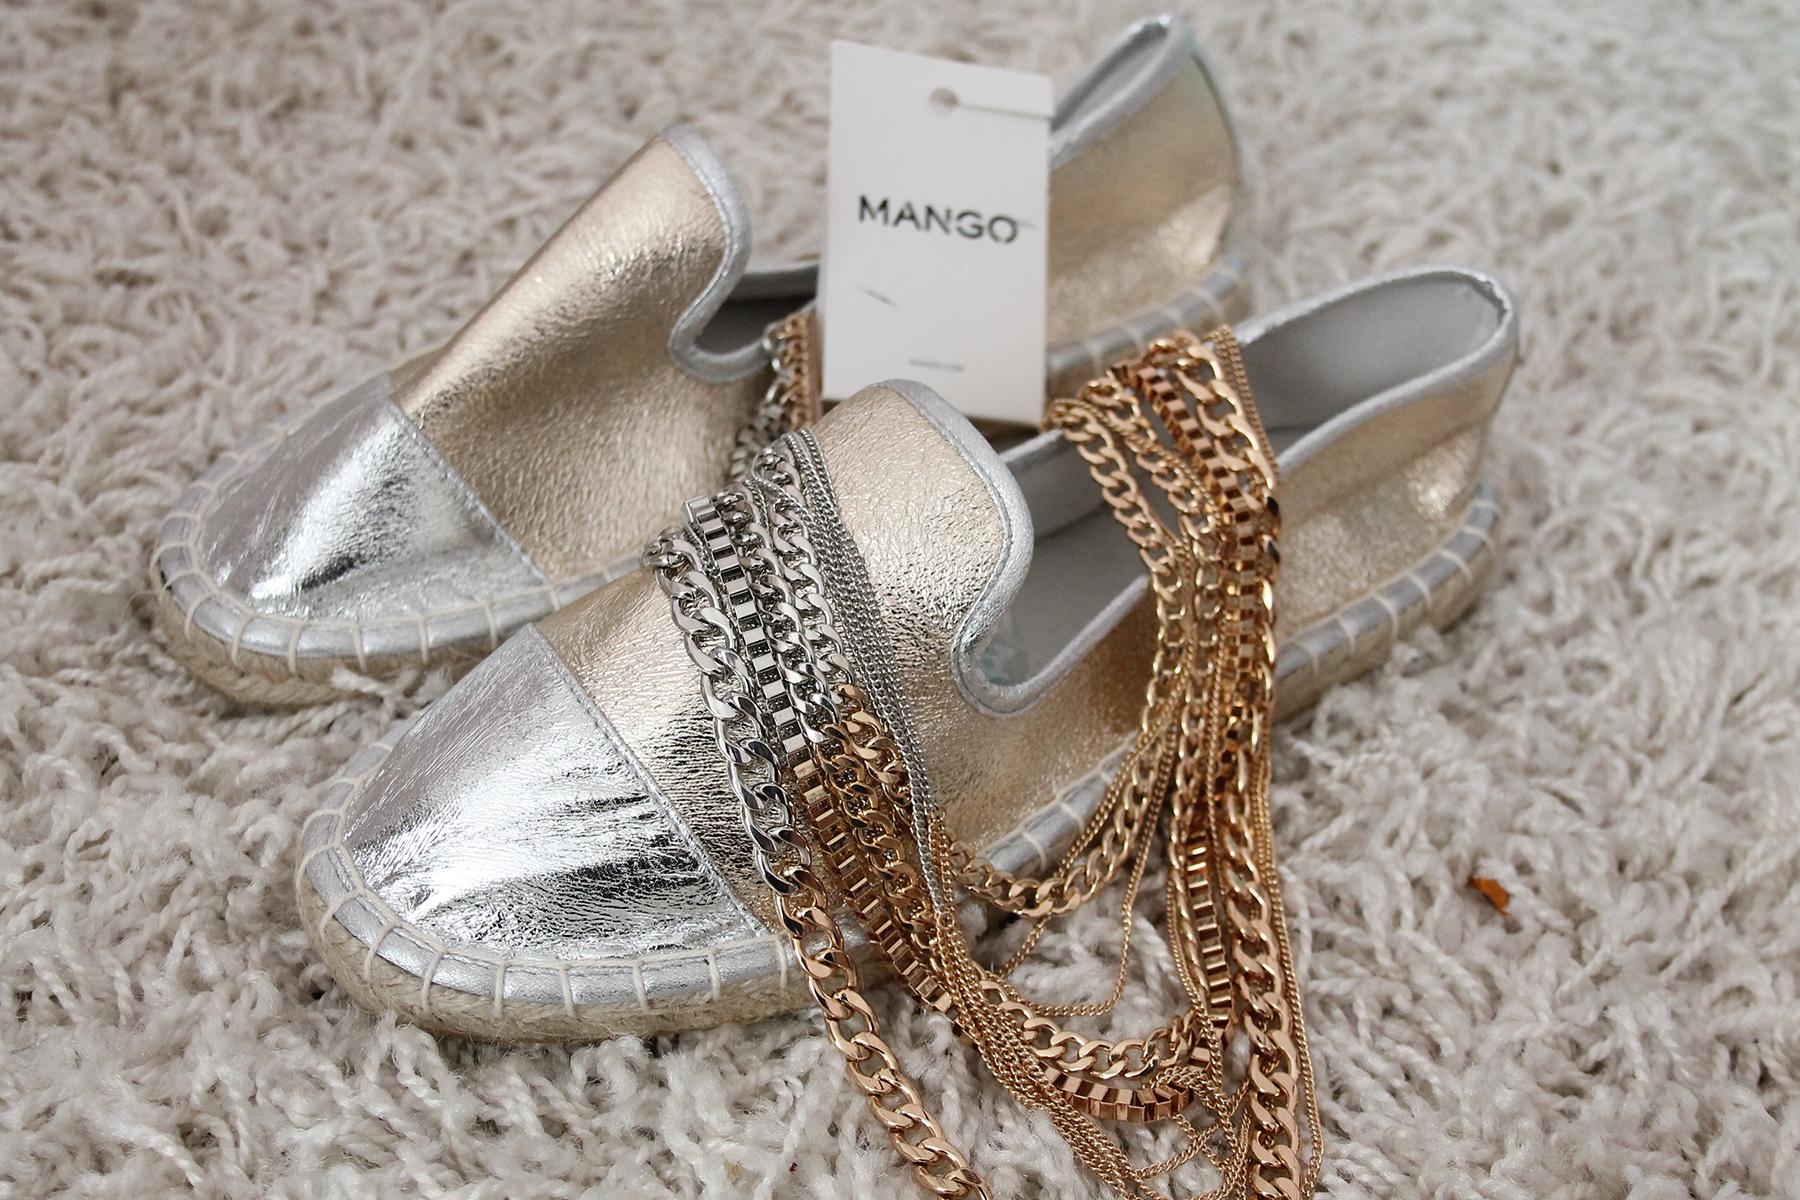 espadrilles-sommer-schuhe-gold-silber-mango-kette-asos-trend-modeblog-fashionblog-beliebter